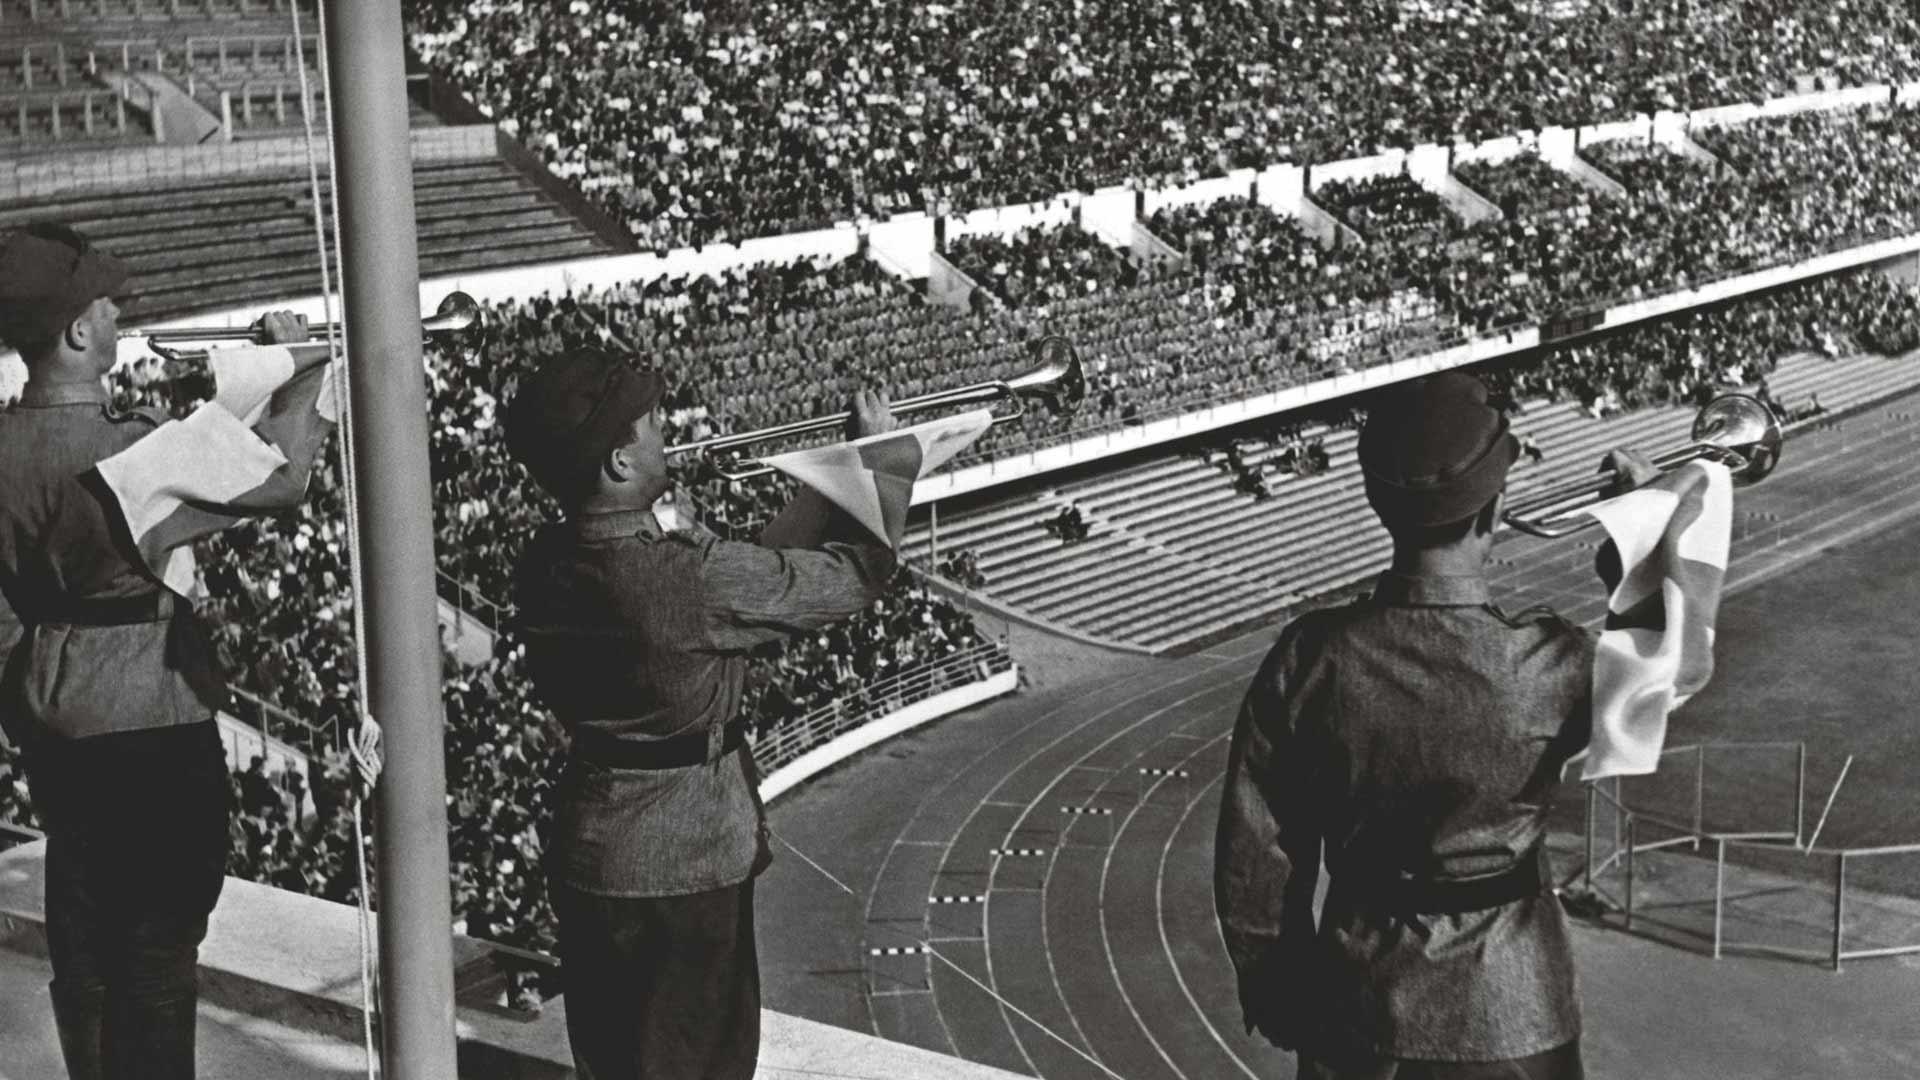 Helsingin olympiastadionin katsomot tuntuivat puolityhjiltä Kaatuneiden urheilijoiden muistokilpailuissa, vaikka avajaisten virallinen yleisömäärä oli yli 30 000 – mahtuihan stadionille näet kaikkiaan 62 000 katsojaa.